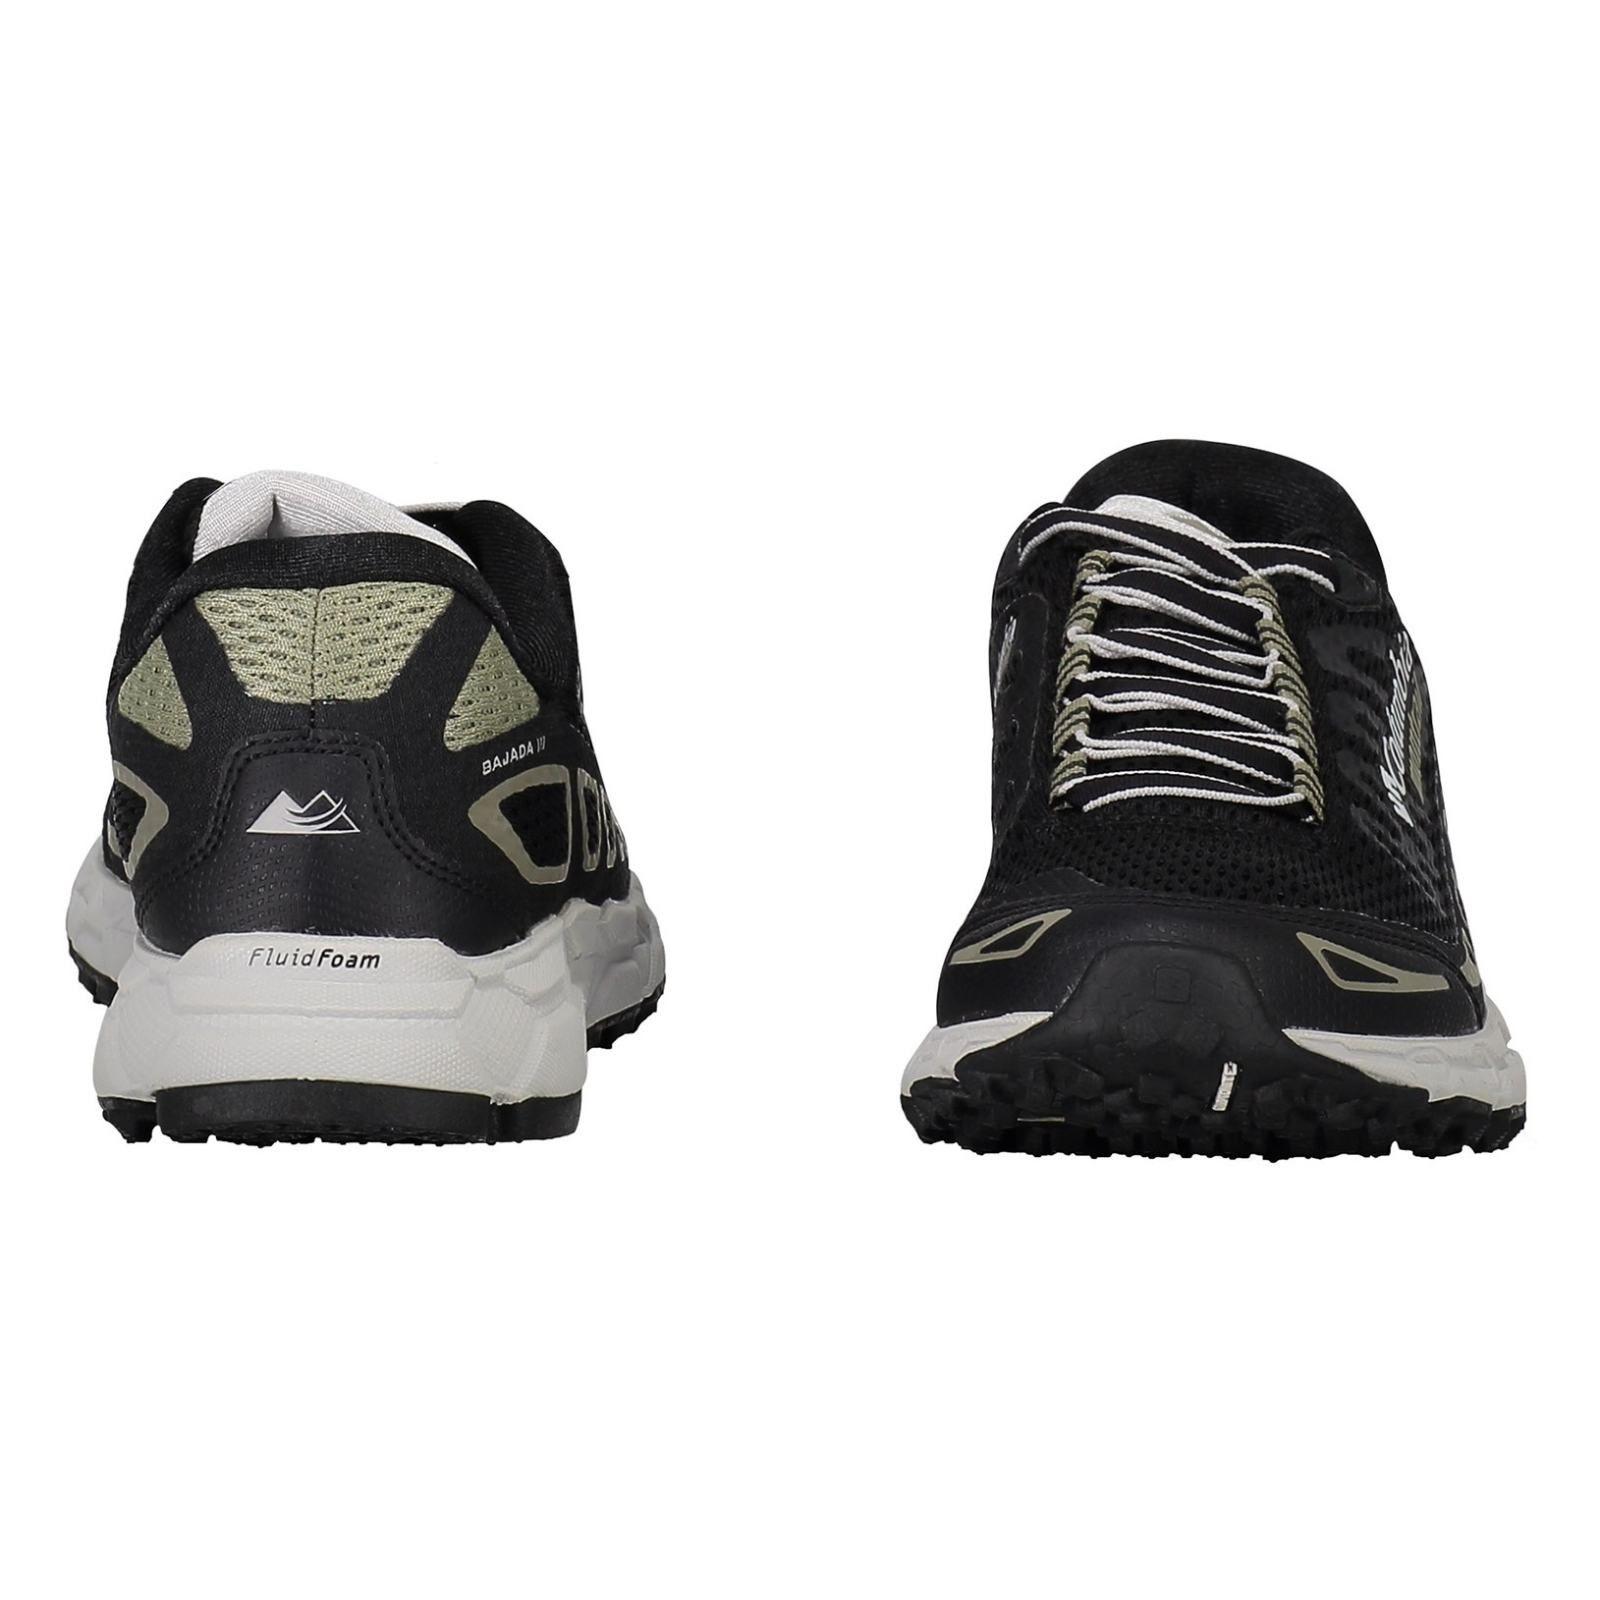 کفش مخصوص دویدن زنانه کلمبیا مدل  BL4570-011 -  - 15